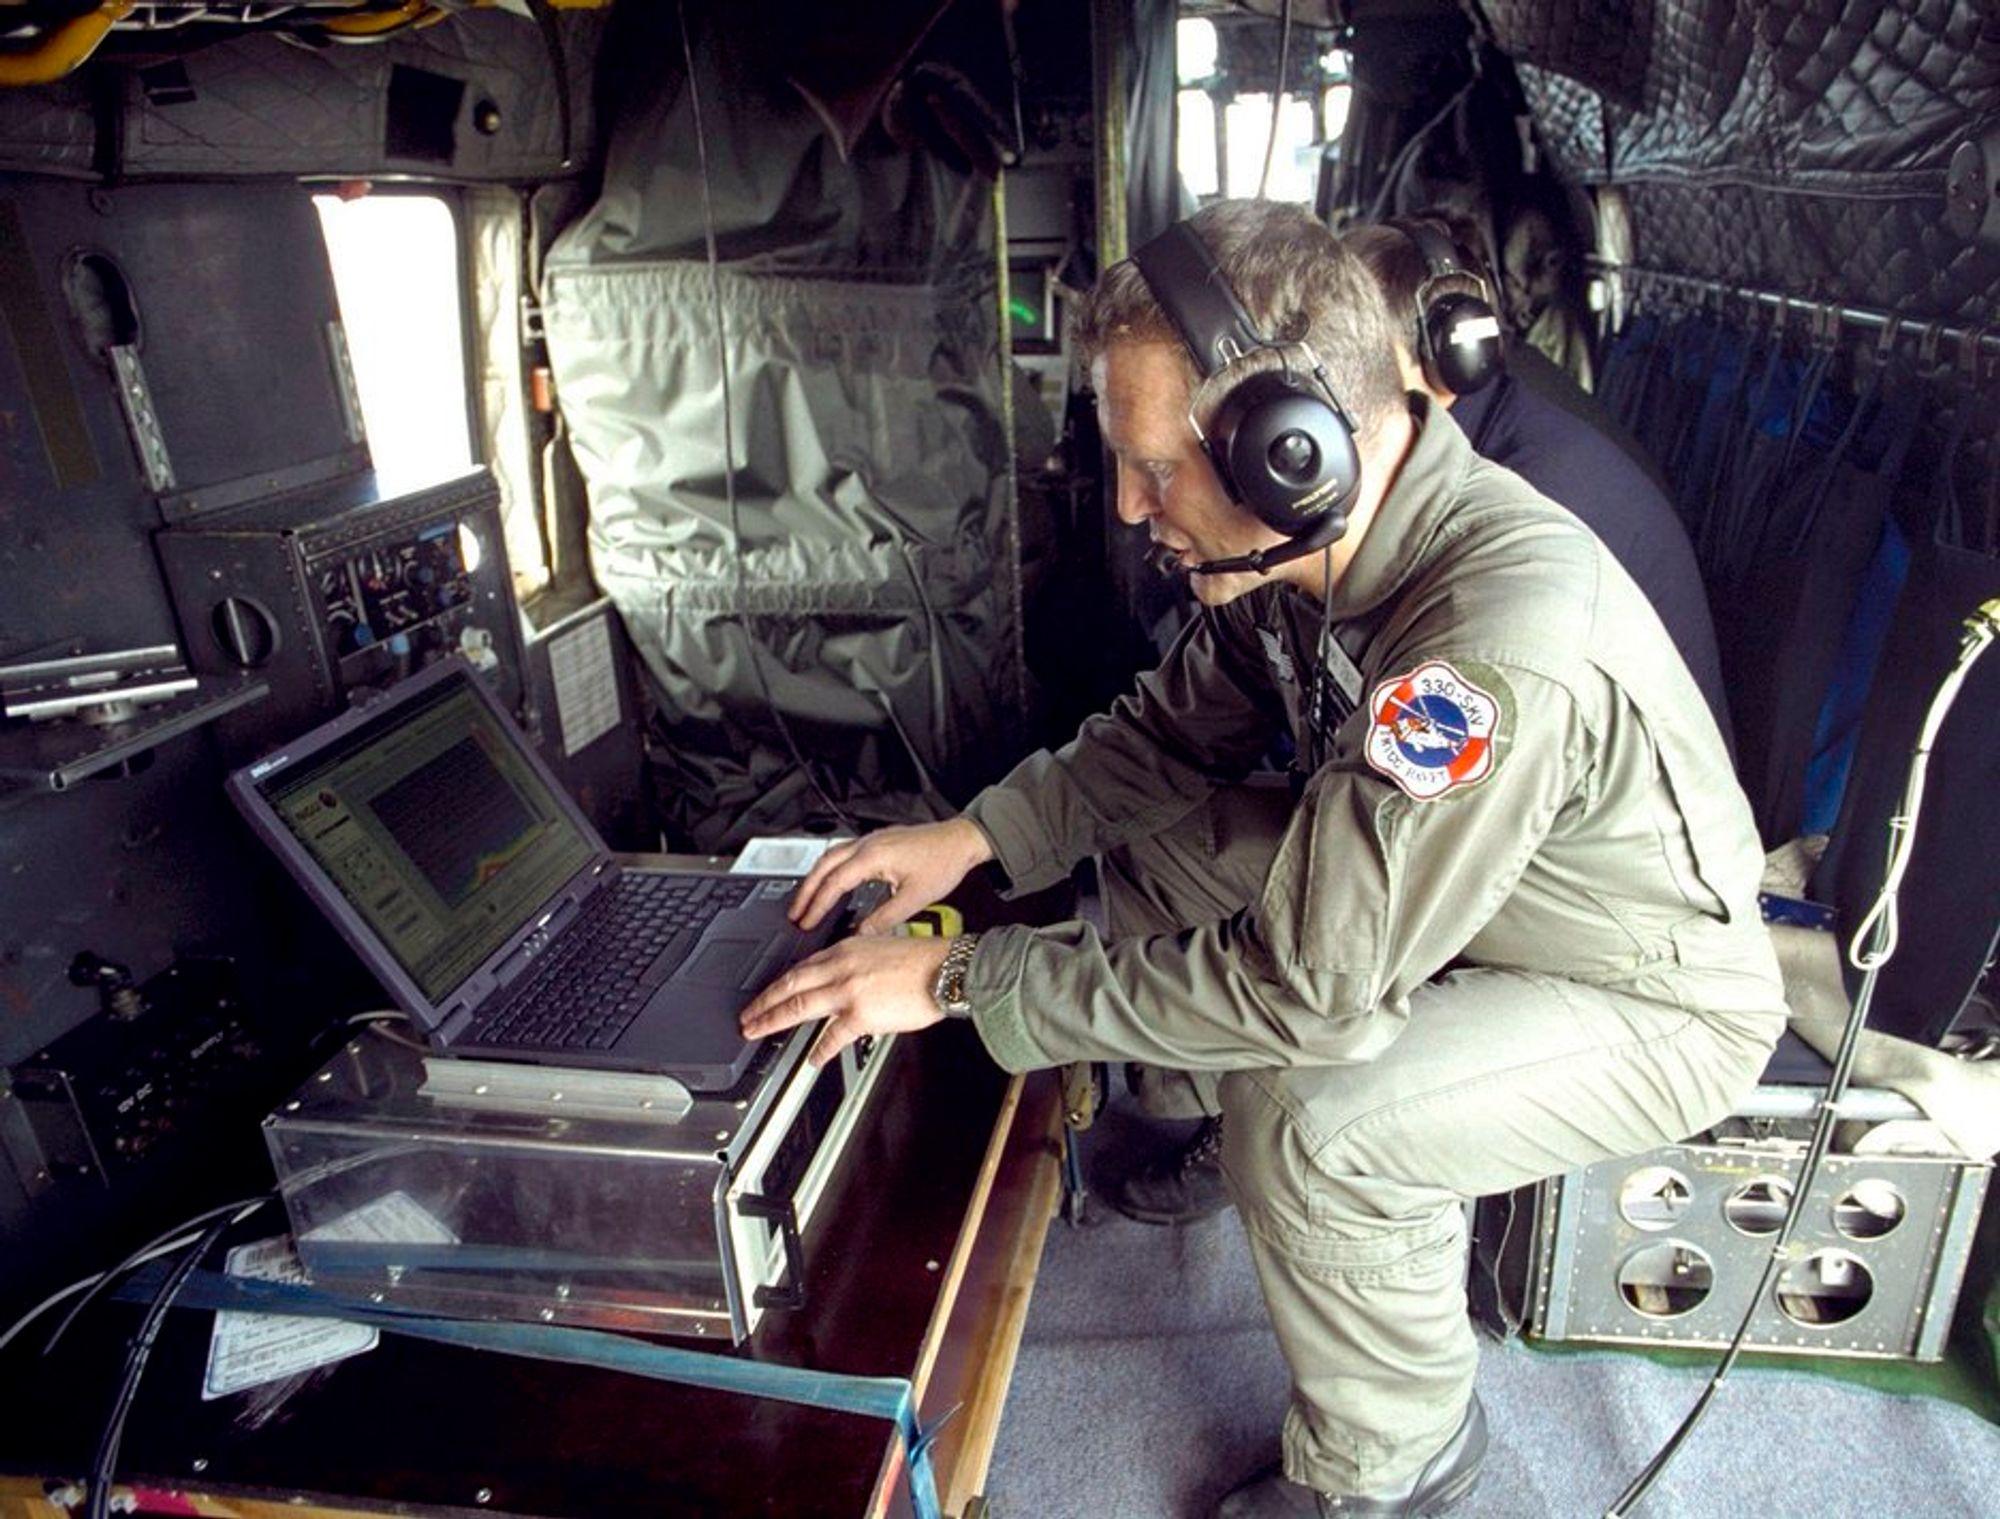 OPERATIVT: Forsvaret fikk bare ett alternativ ved utlysning av milliardkontrakt på datautstyr som blant annet skal brukes i operativ tjeneste.